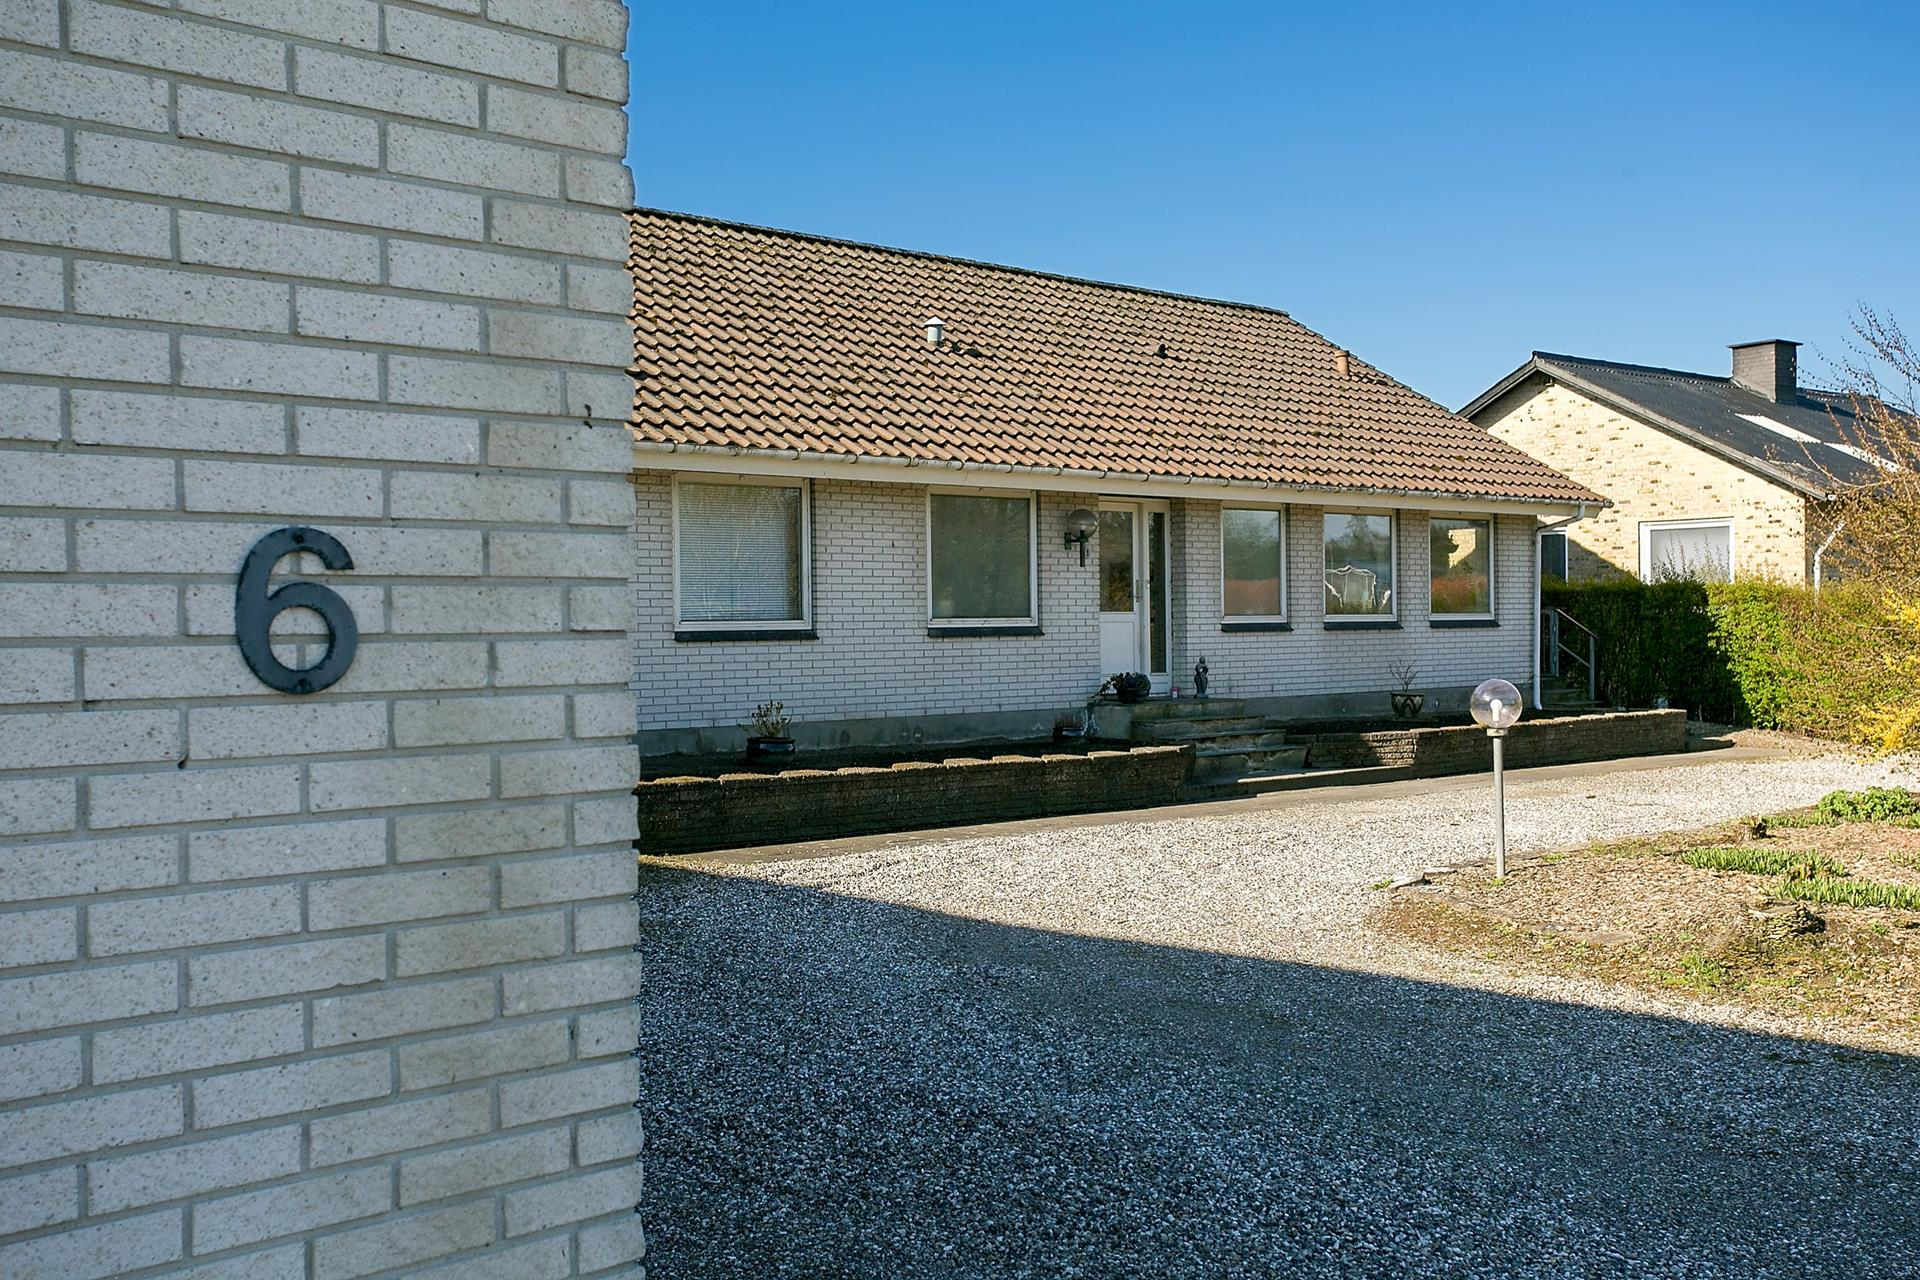 Bolig/erhverv på Hårupvænget i Silkeborg - Standard udendørs